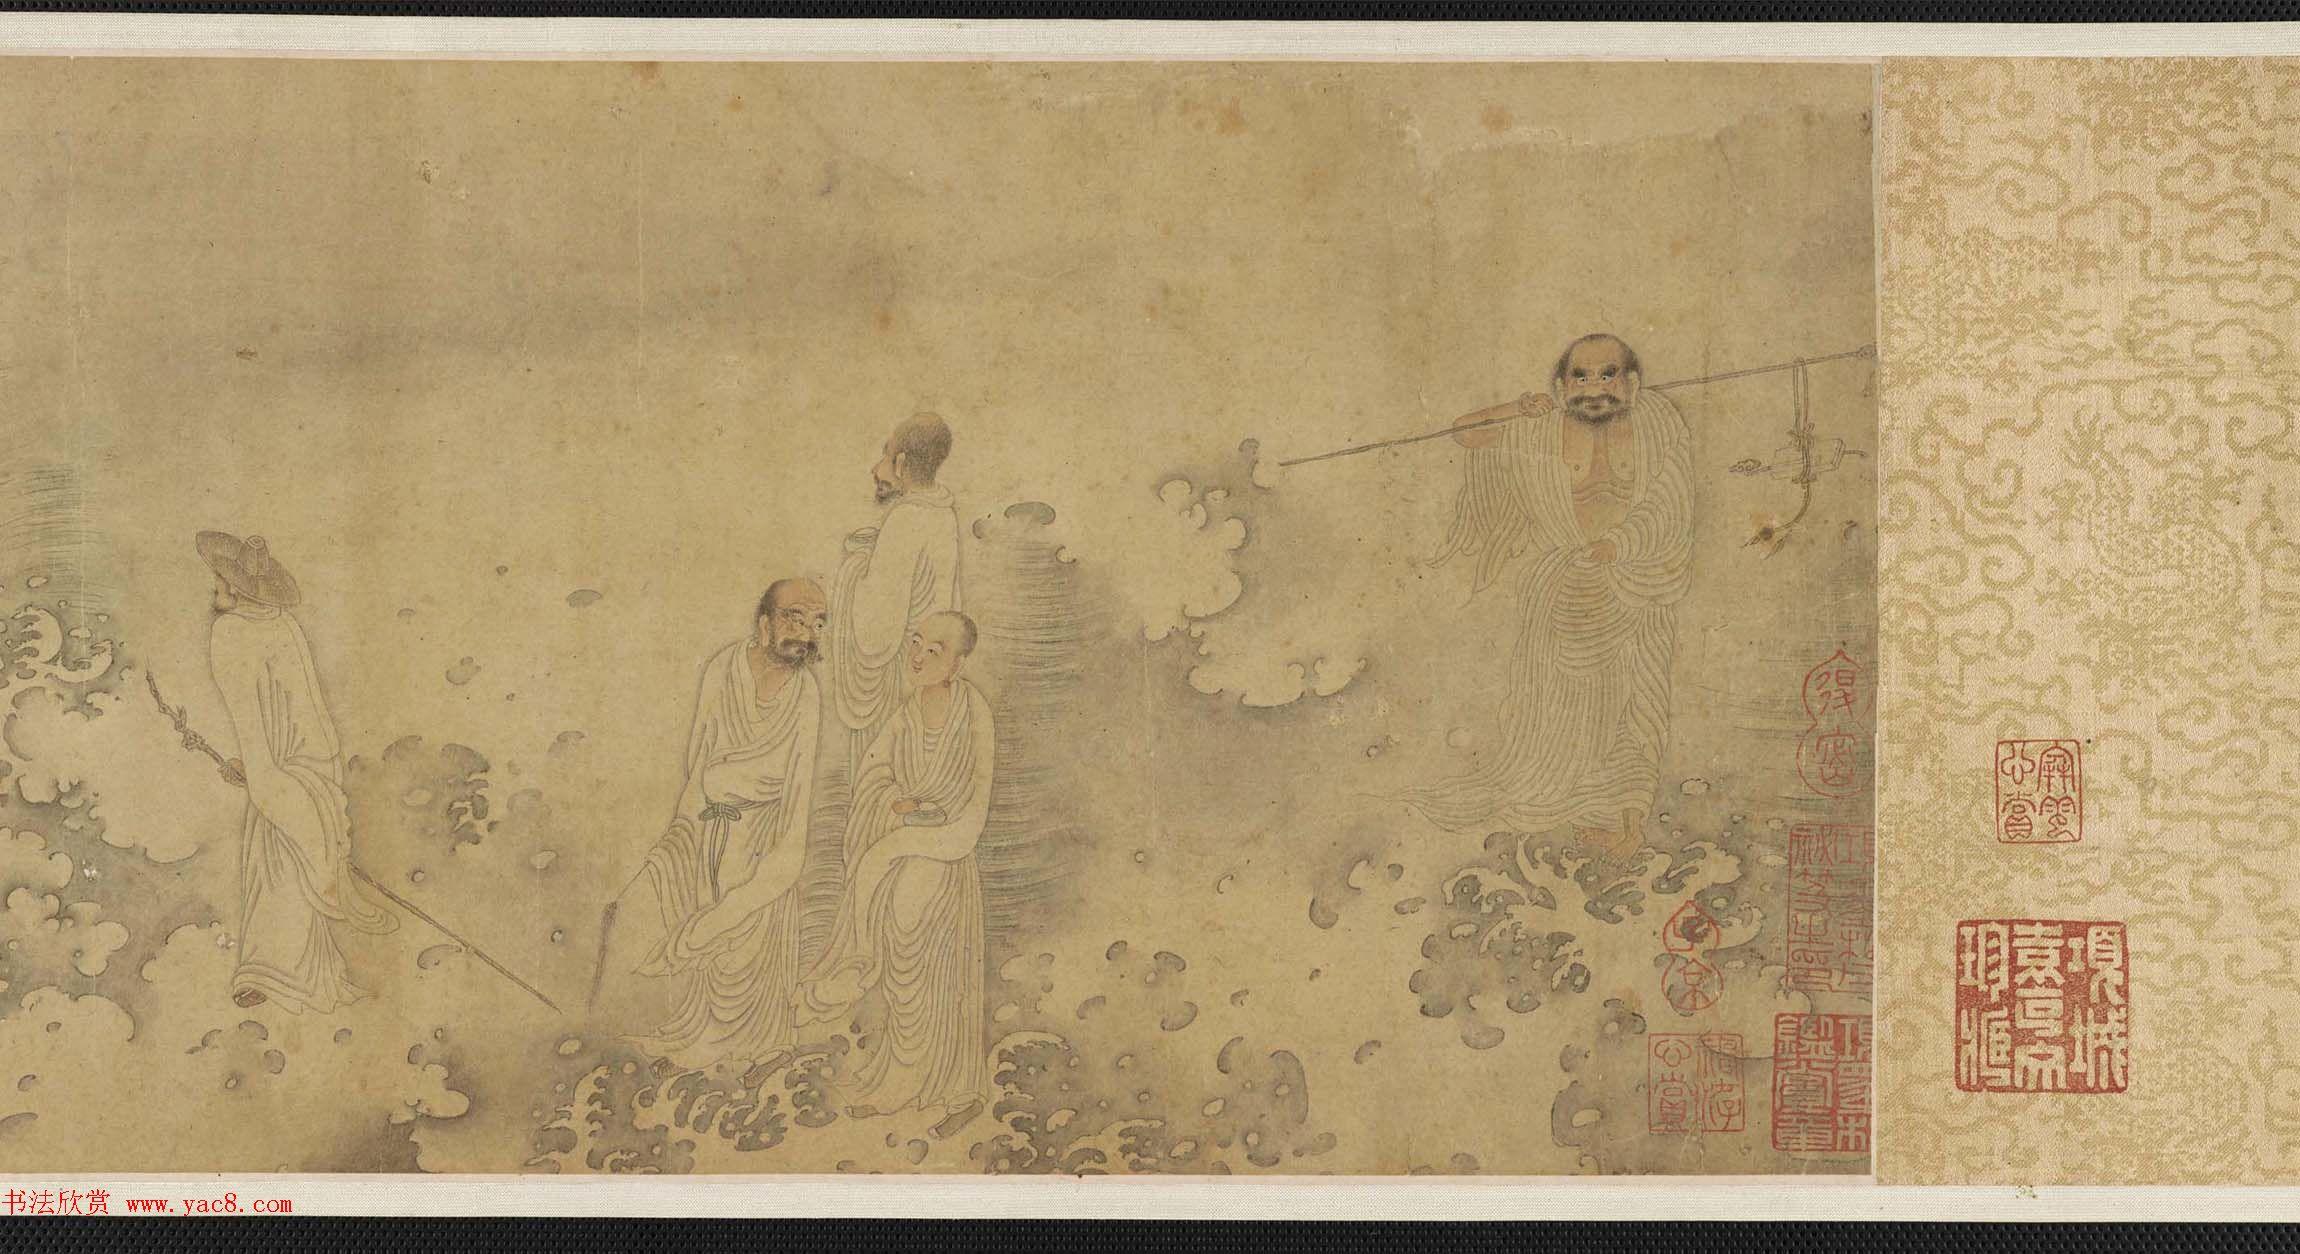 北宋李公麟十二罗汉图附书法题跋美国弗利尔美术馆藏